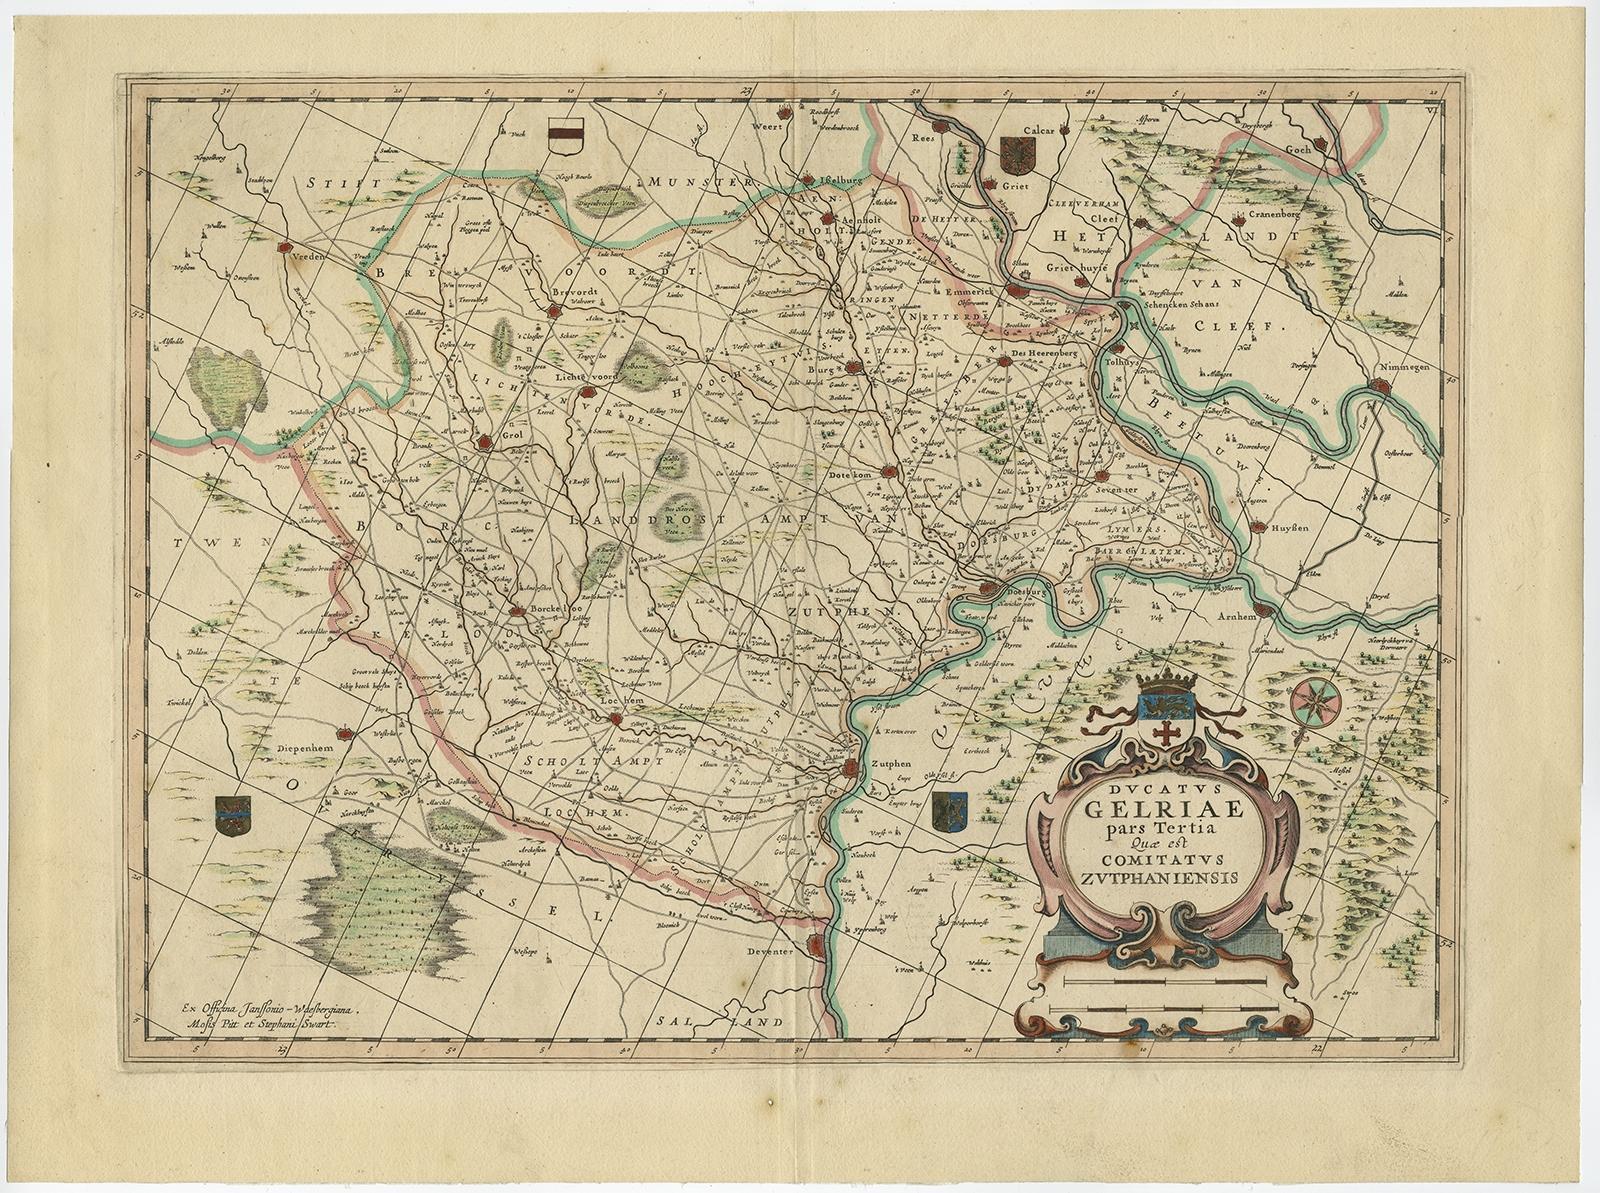 Ducatus Gelriae Pars Tertia Quae Est Comitatus Zutphaniensis - Pars map